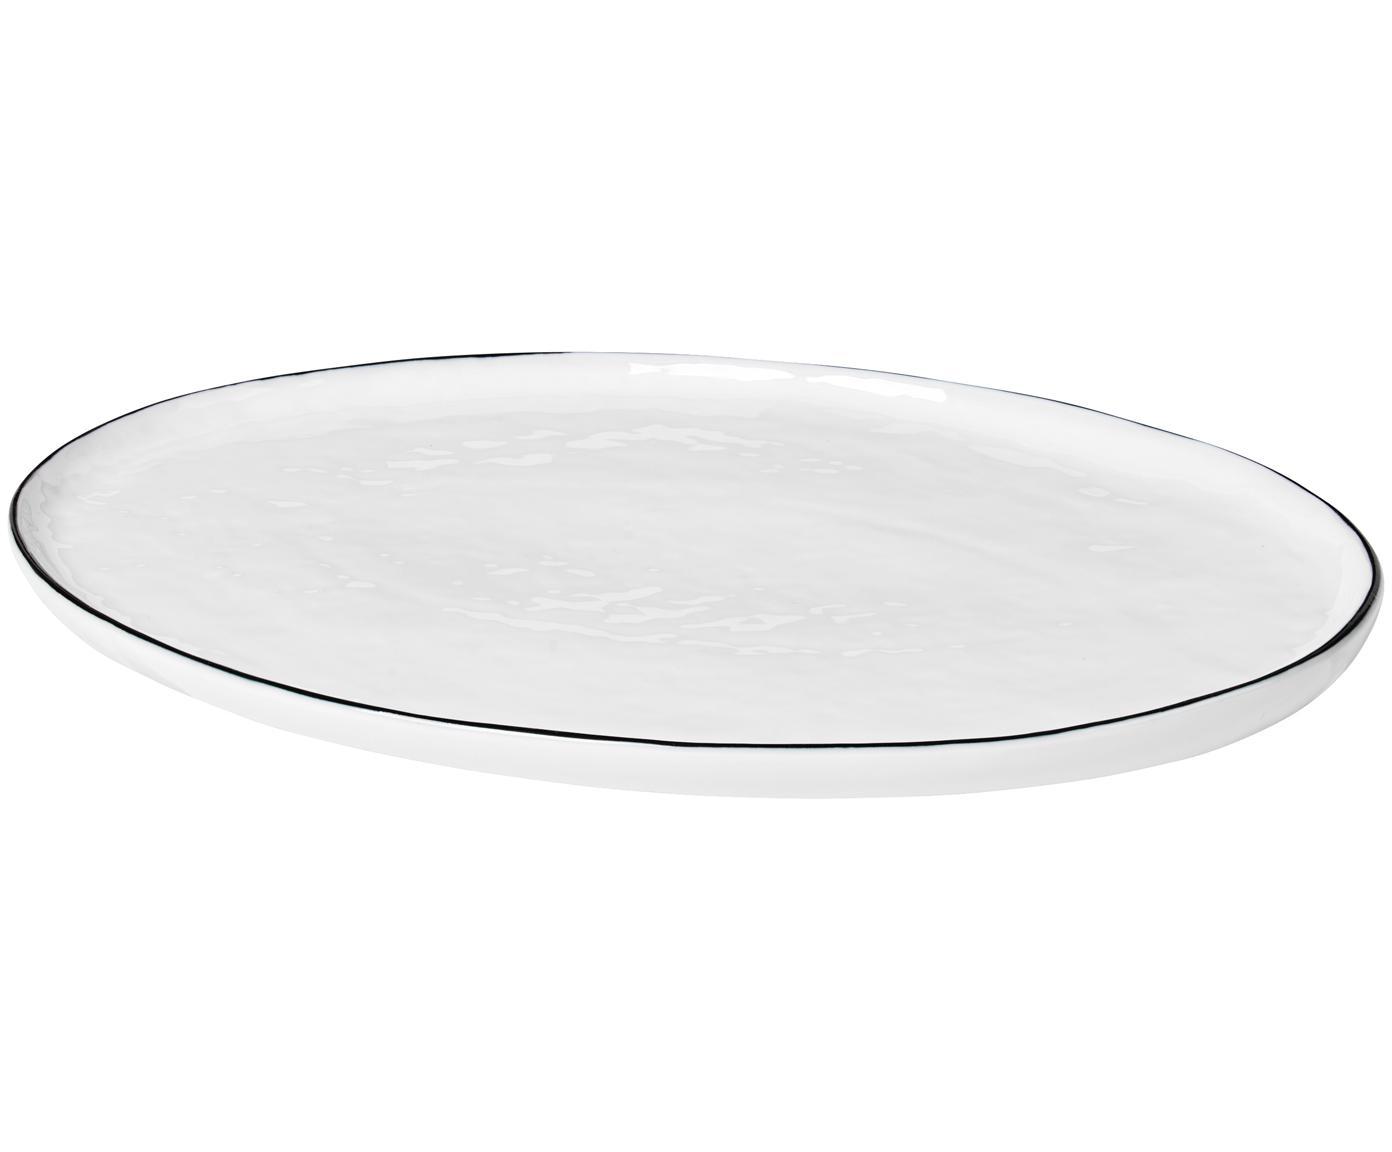 Handgemachte Servierplatte Salt, Porzellan, Gebrochenes Weiss<br>Rand: Schwarz, 20 x 30 cm